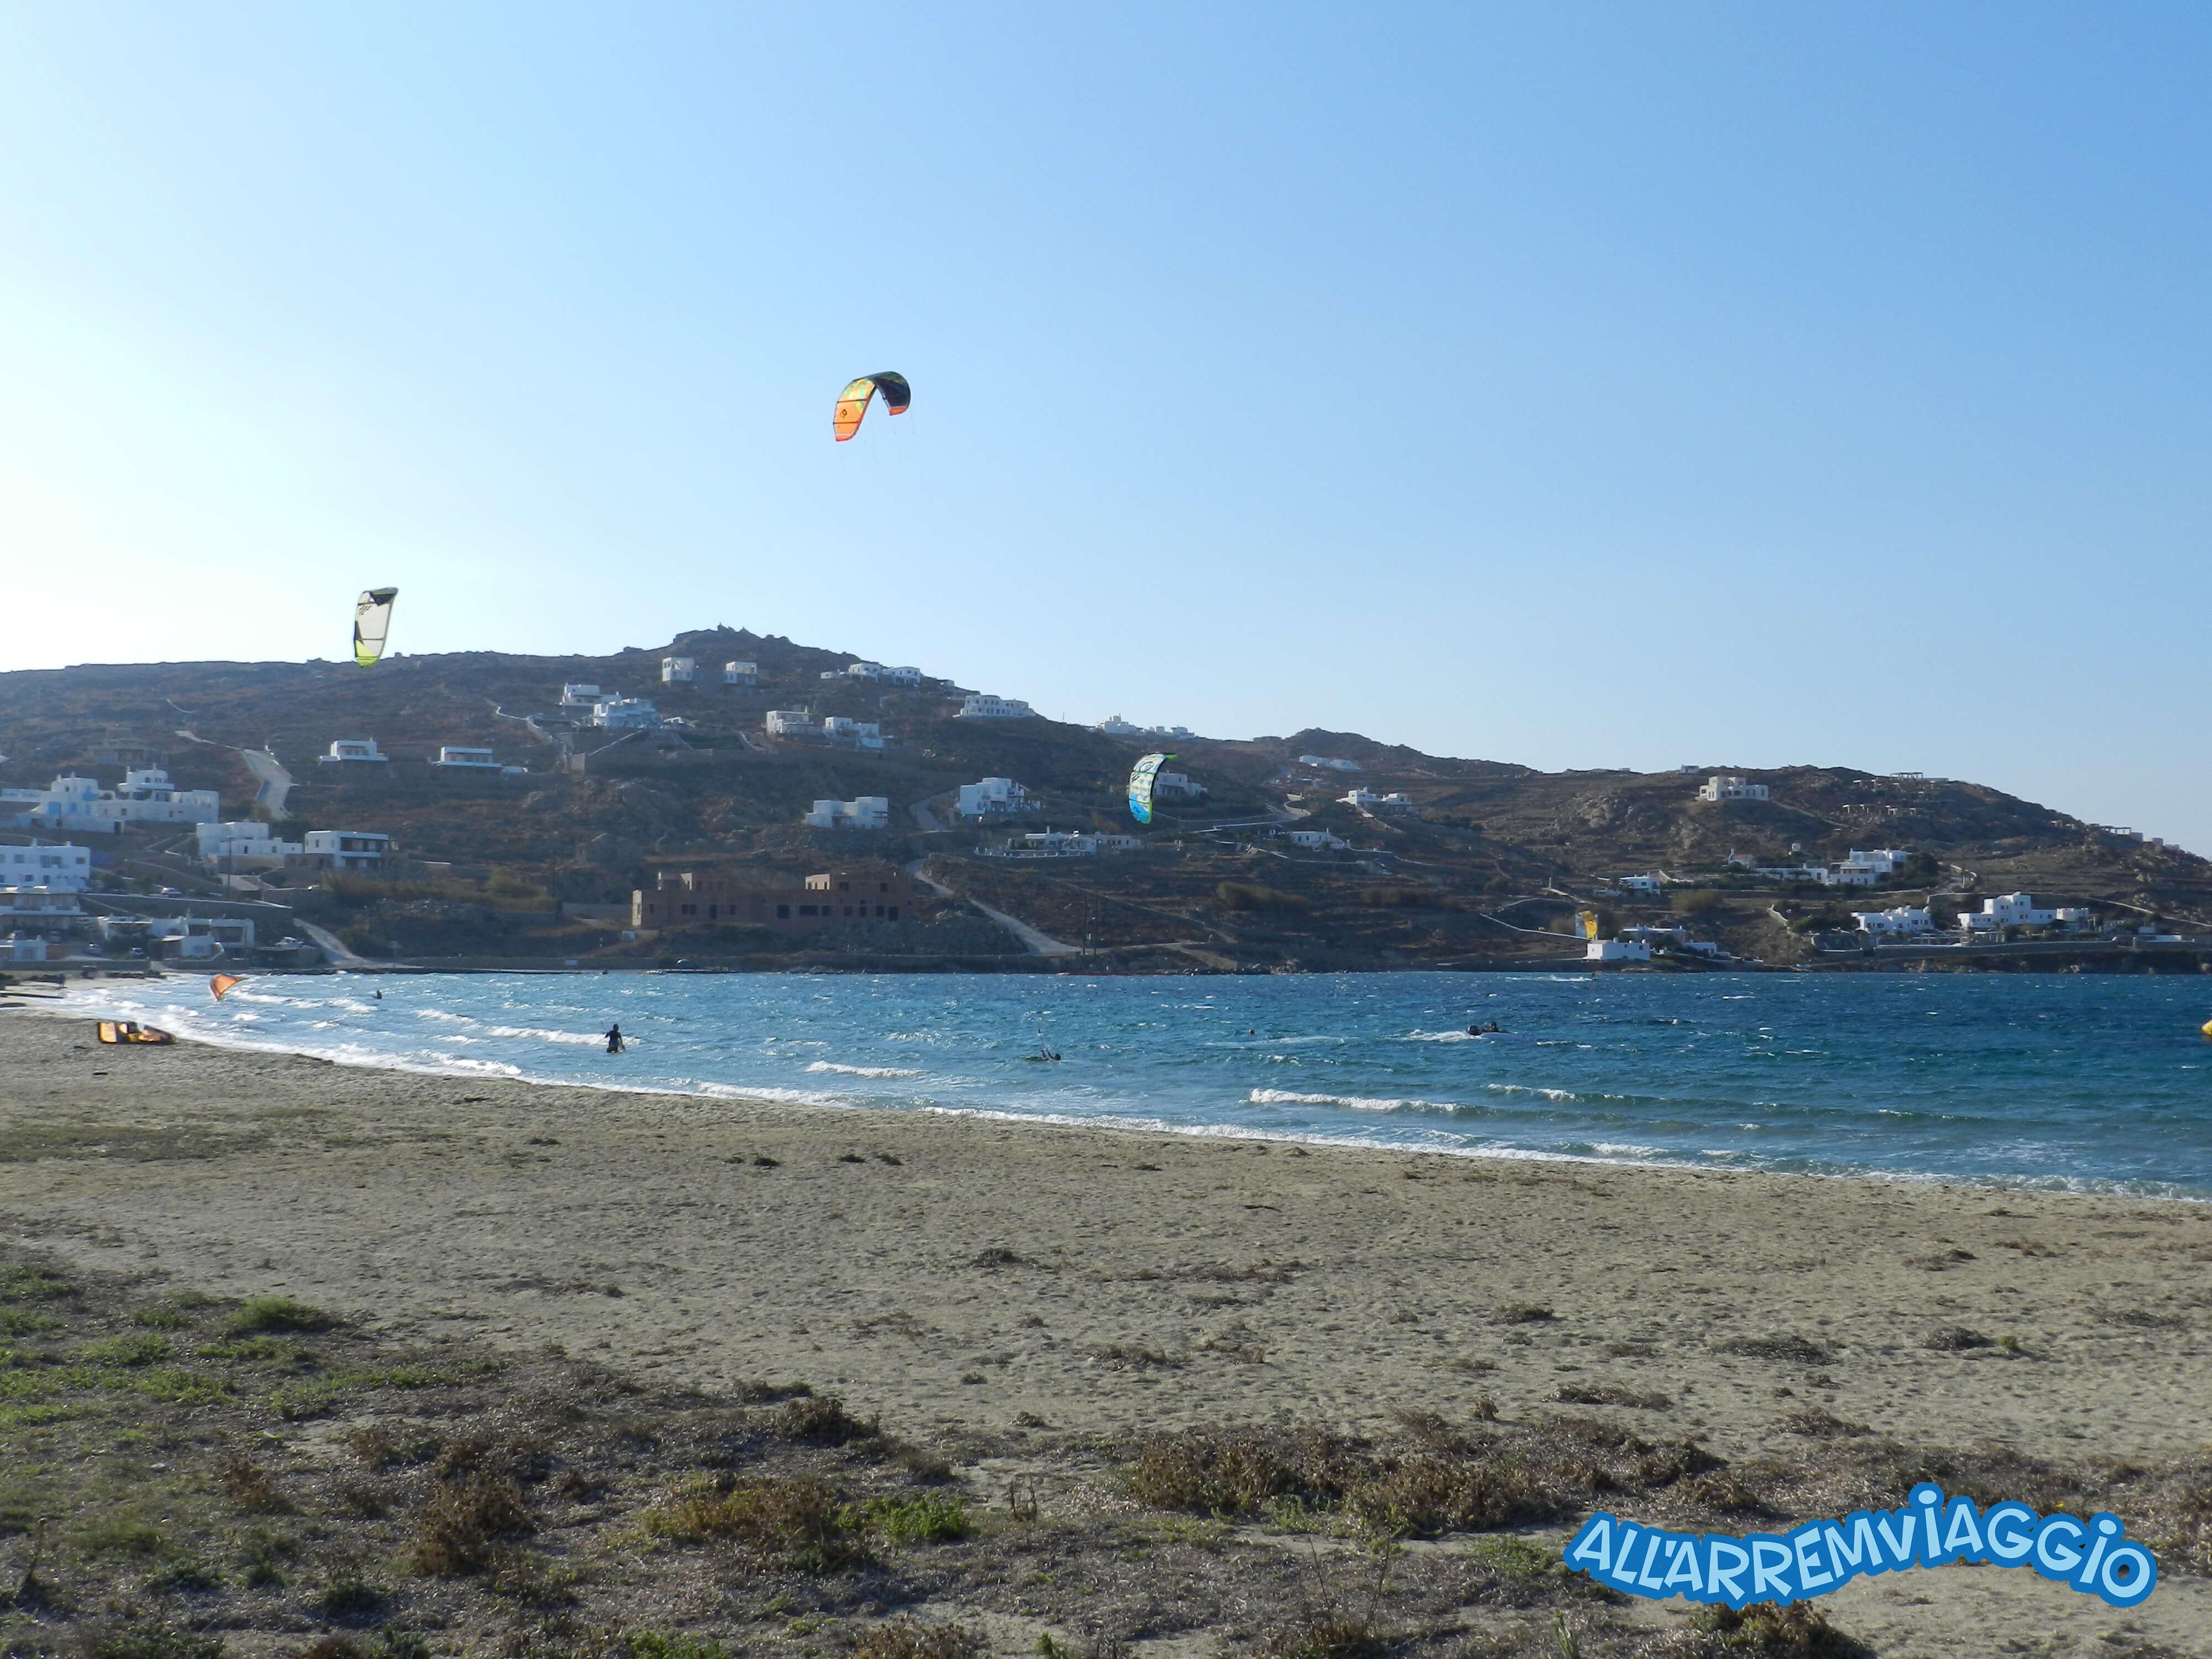 spiagge, imperdibili, mykonos, cicladi, grecia, mare, spiaggedasogno, korfos